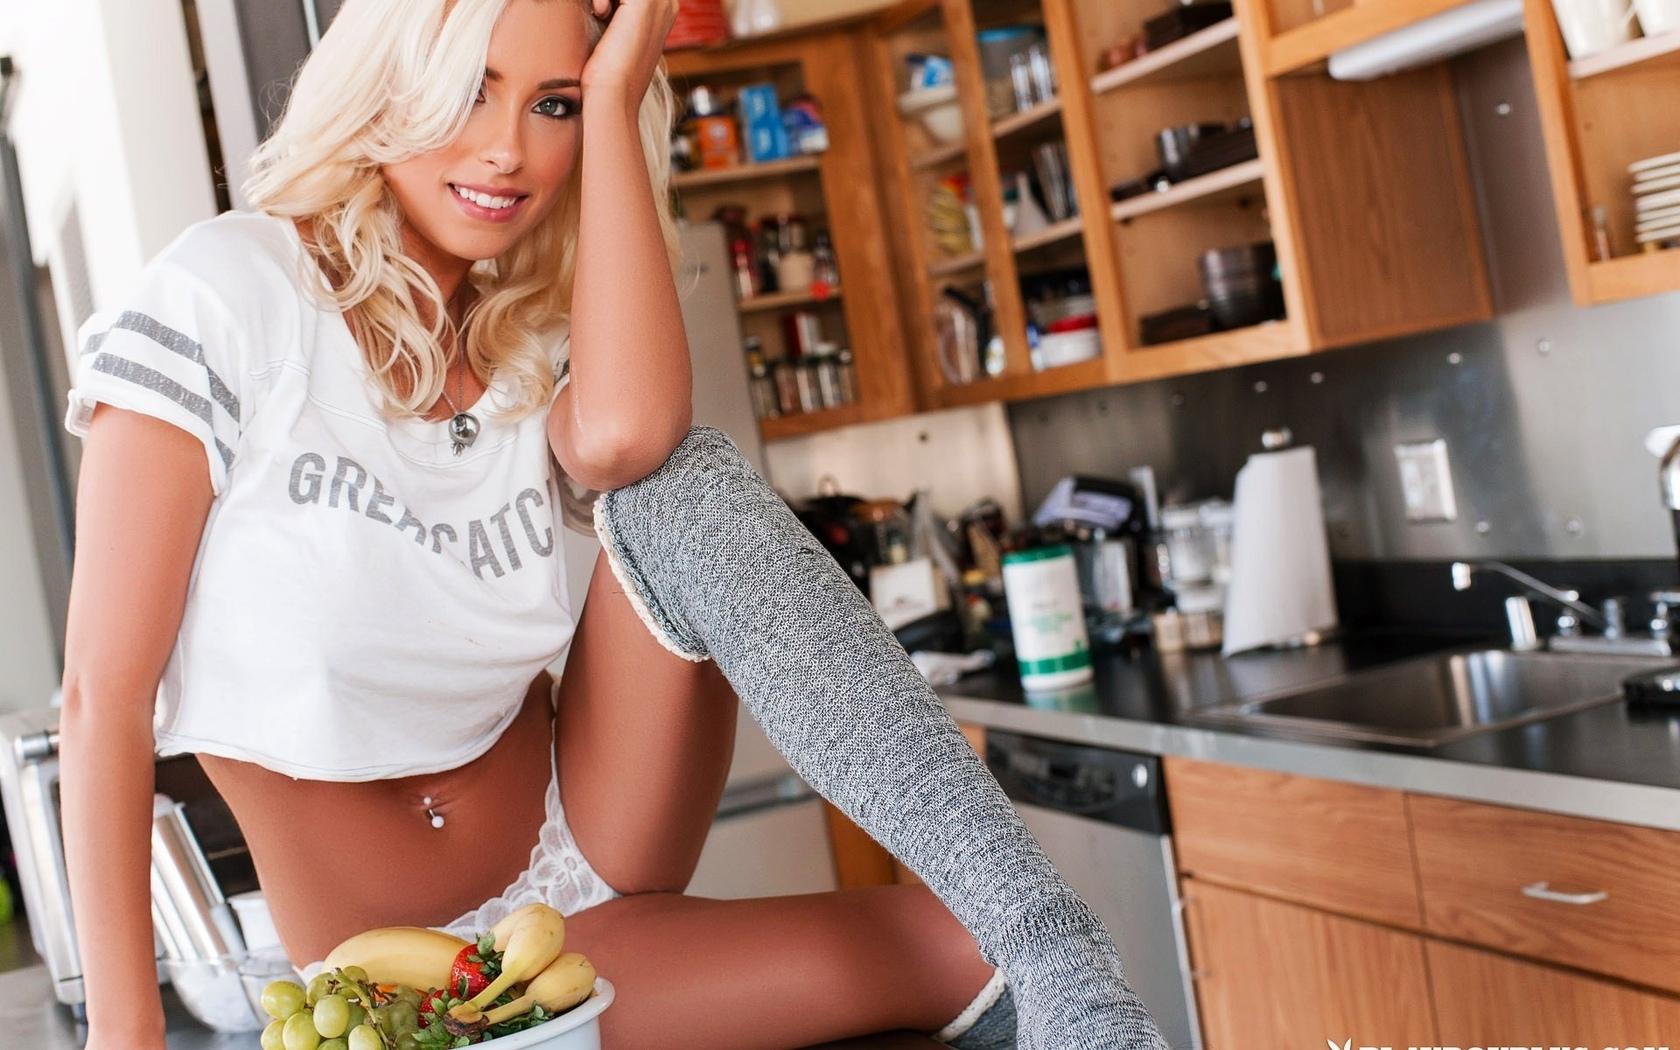 alissa arden, плейбой, модель, блондинка, кухня, чулки, трусики, не ню